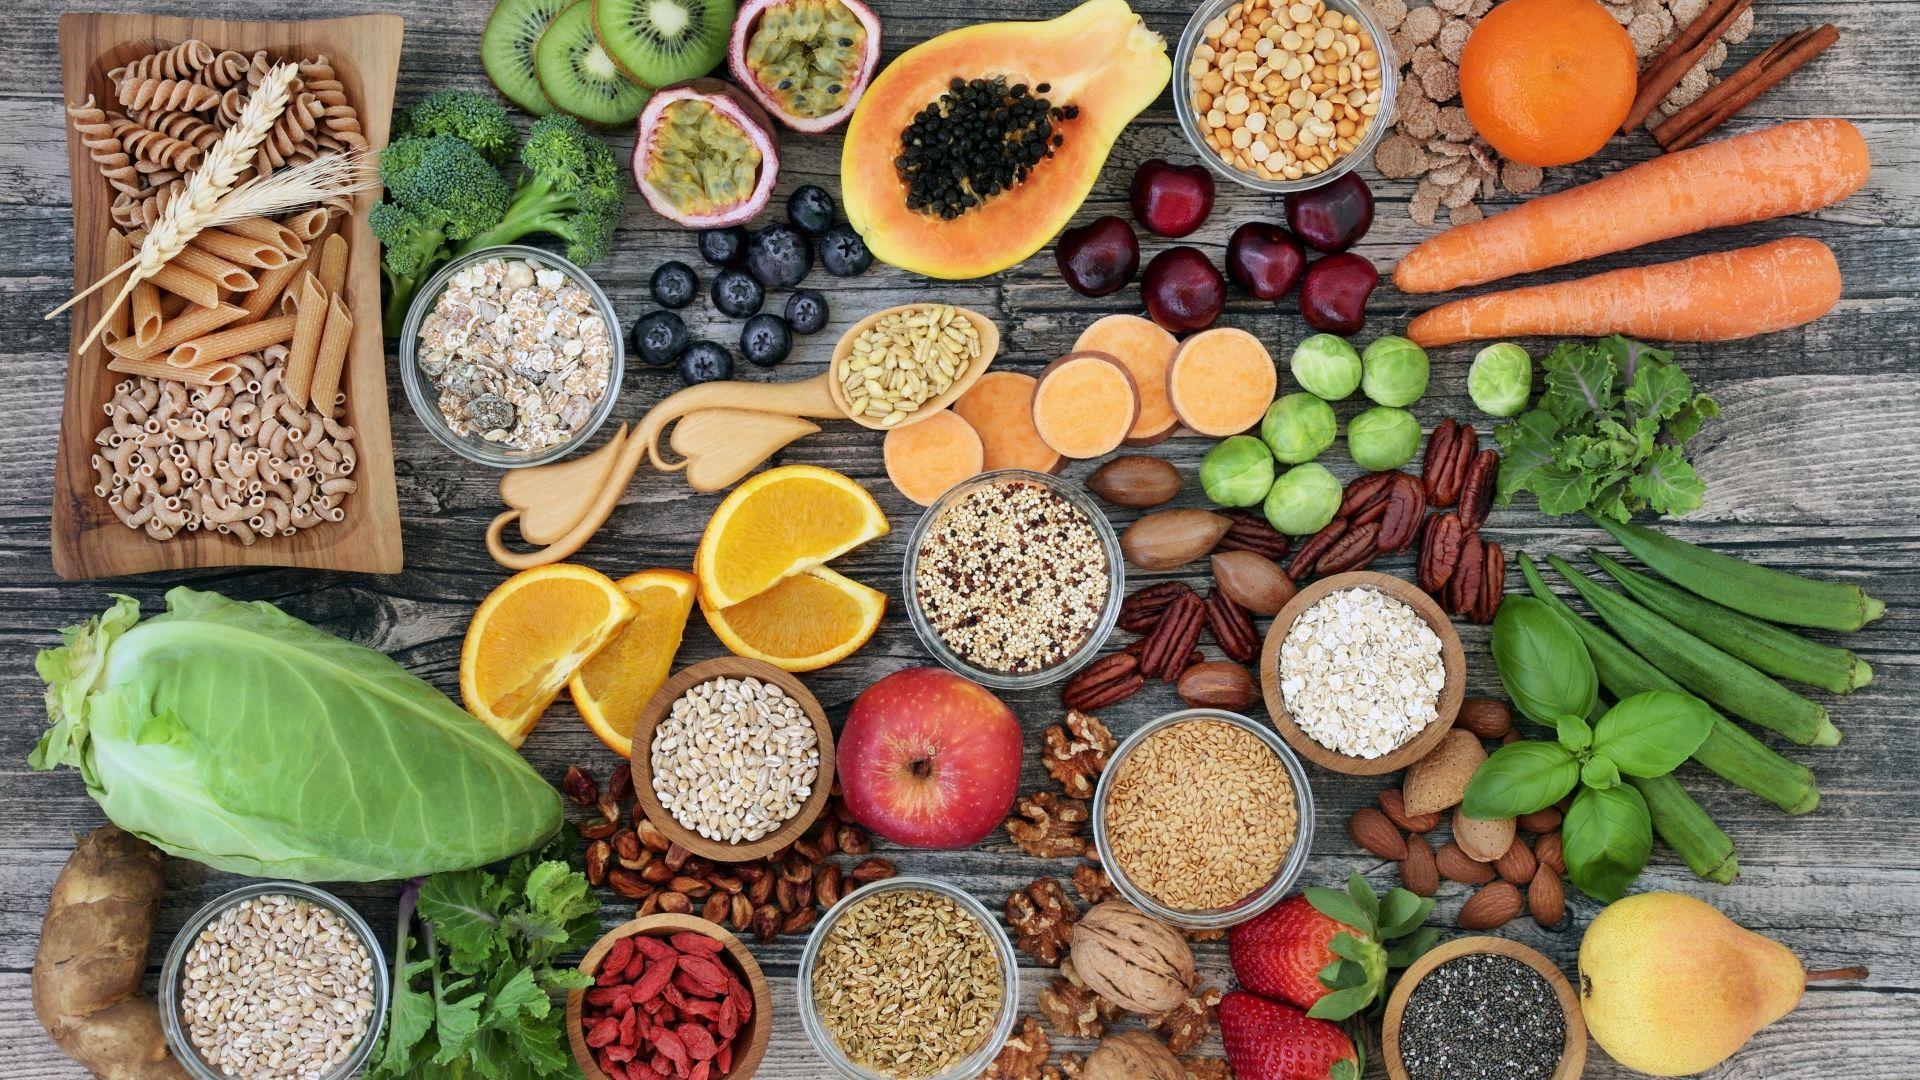 Lifli Gıdalarla Beslenmenin Önemi Nedir